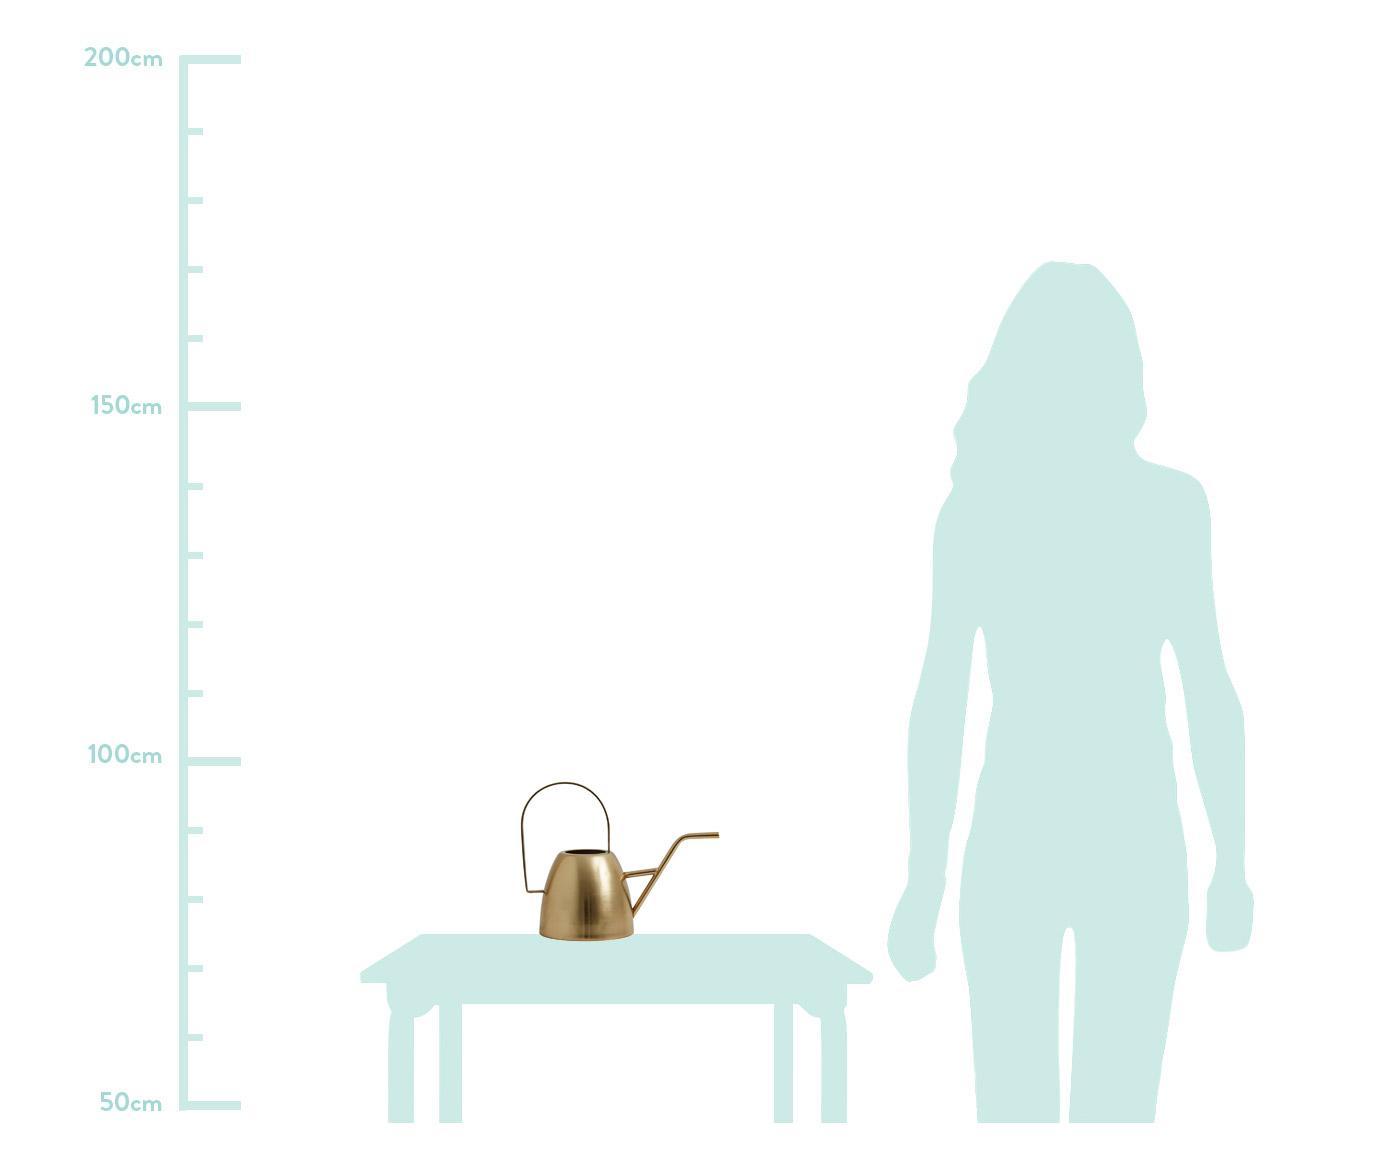 Gießkanne Brushed, Messing, gebürstet, Messing, 30 x 23 cm